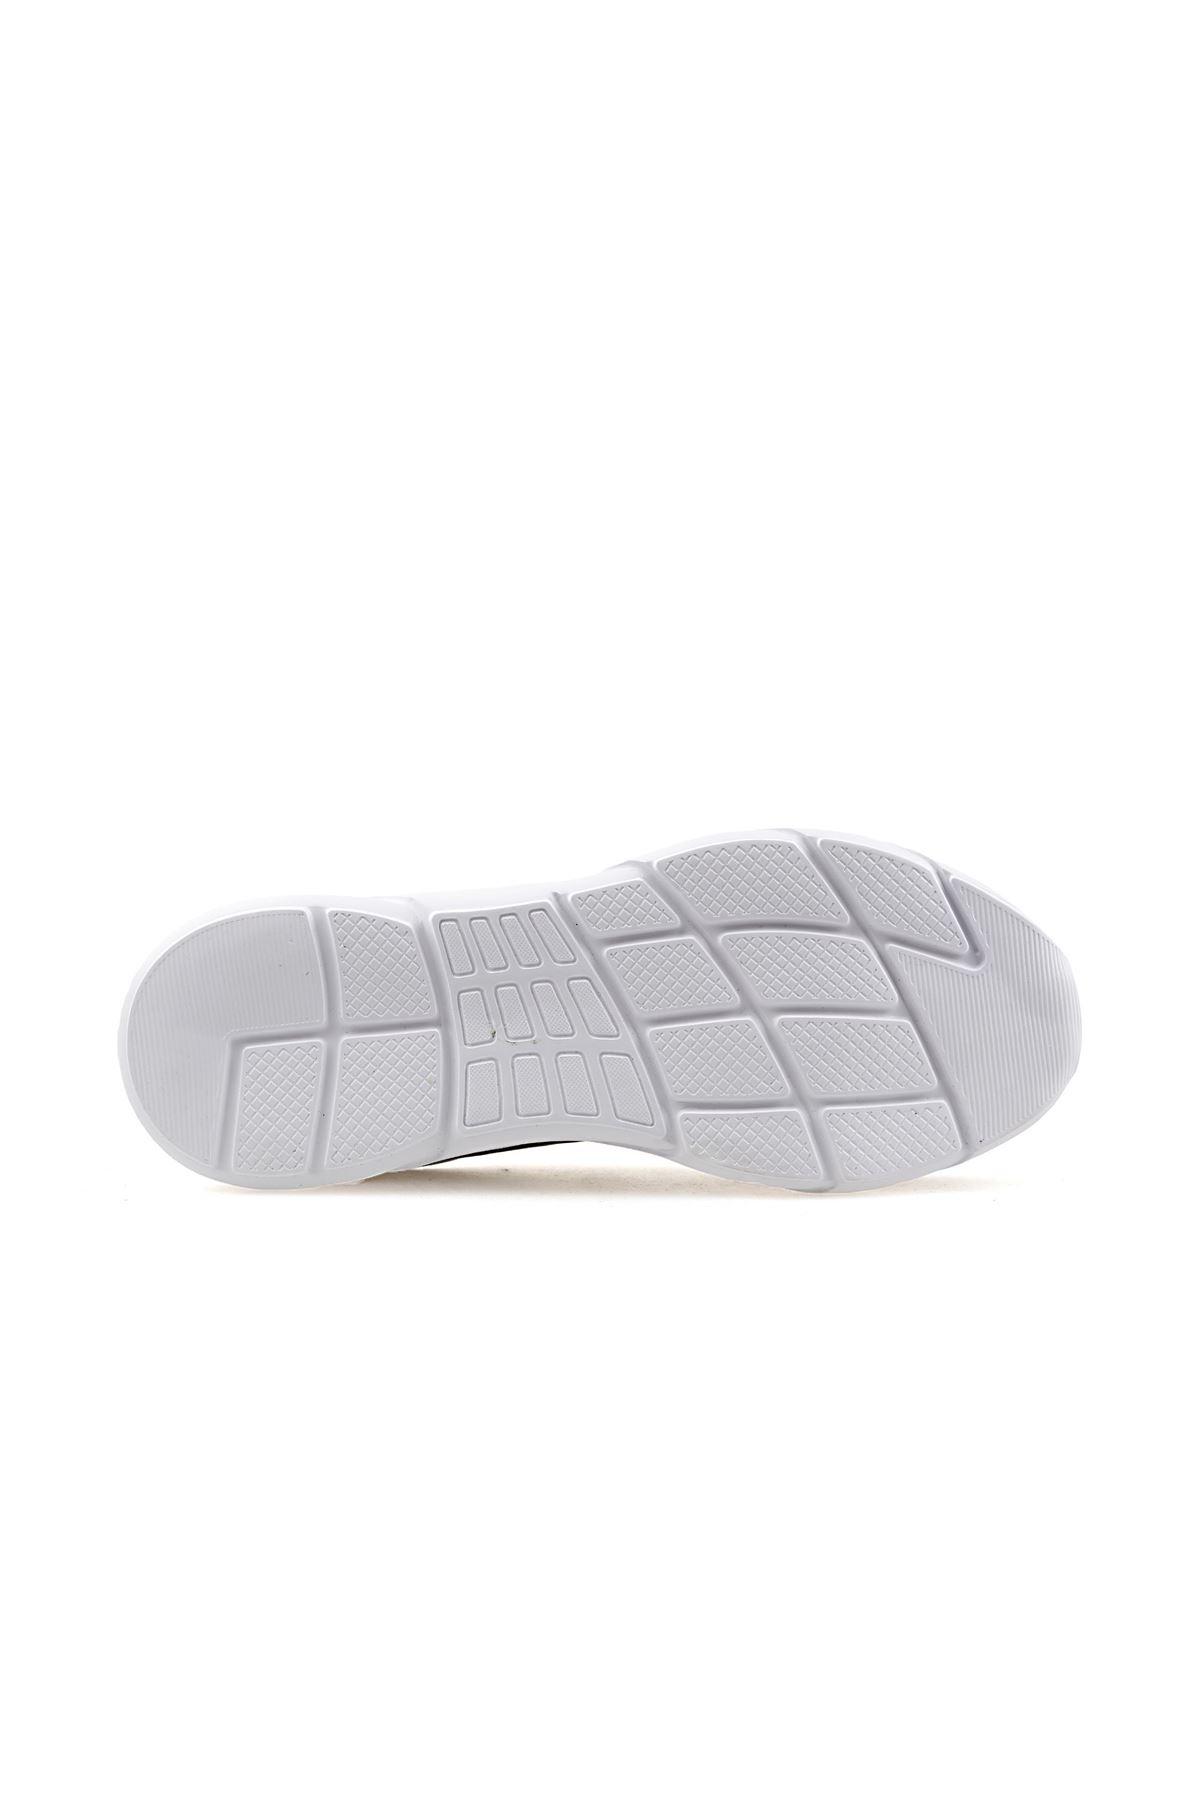 Büyük Numara Ayakkabı Siyah 46-47-48 Numaralar